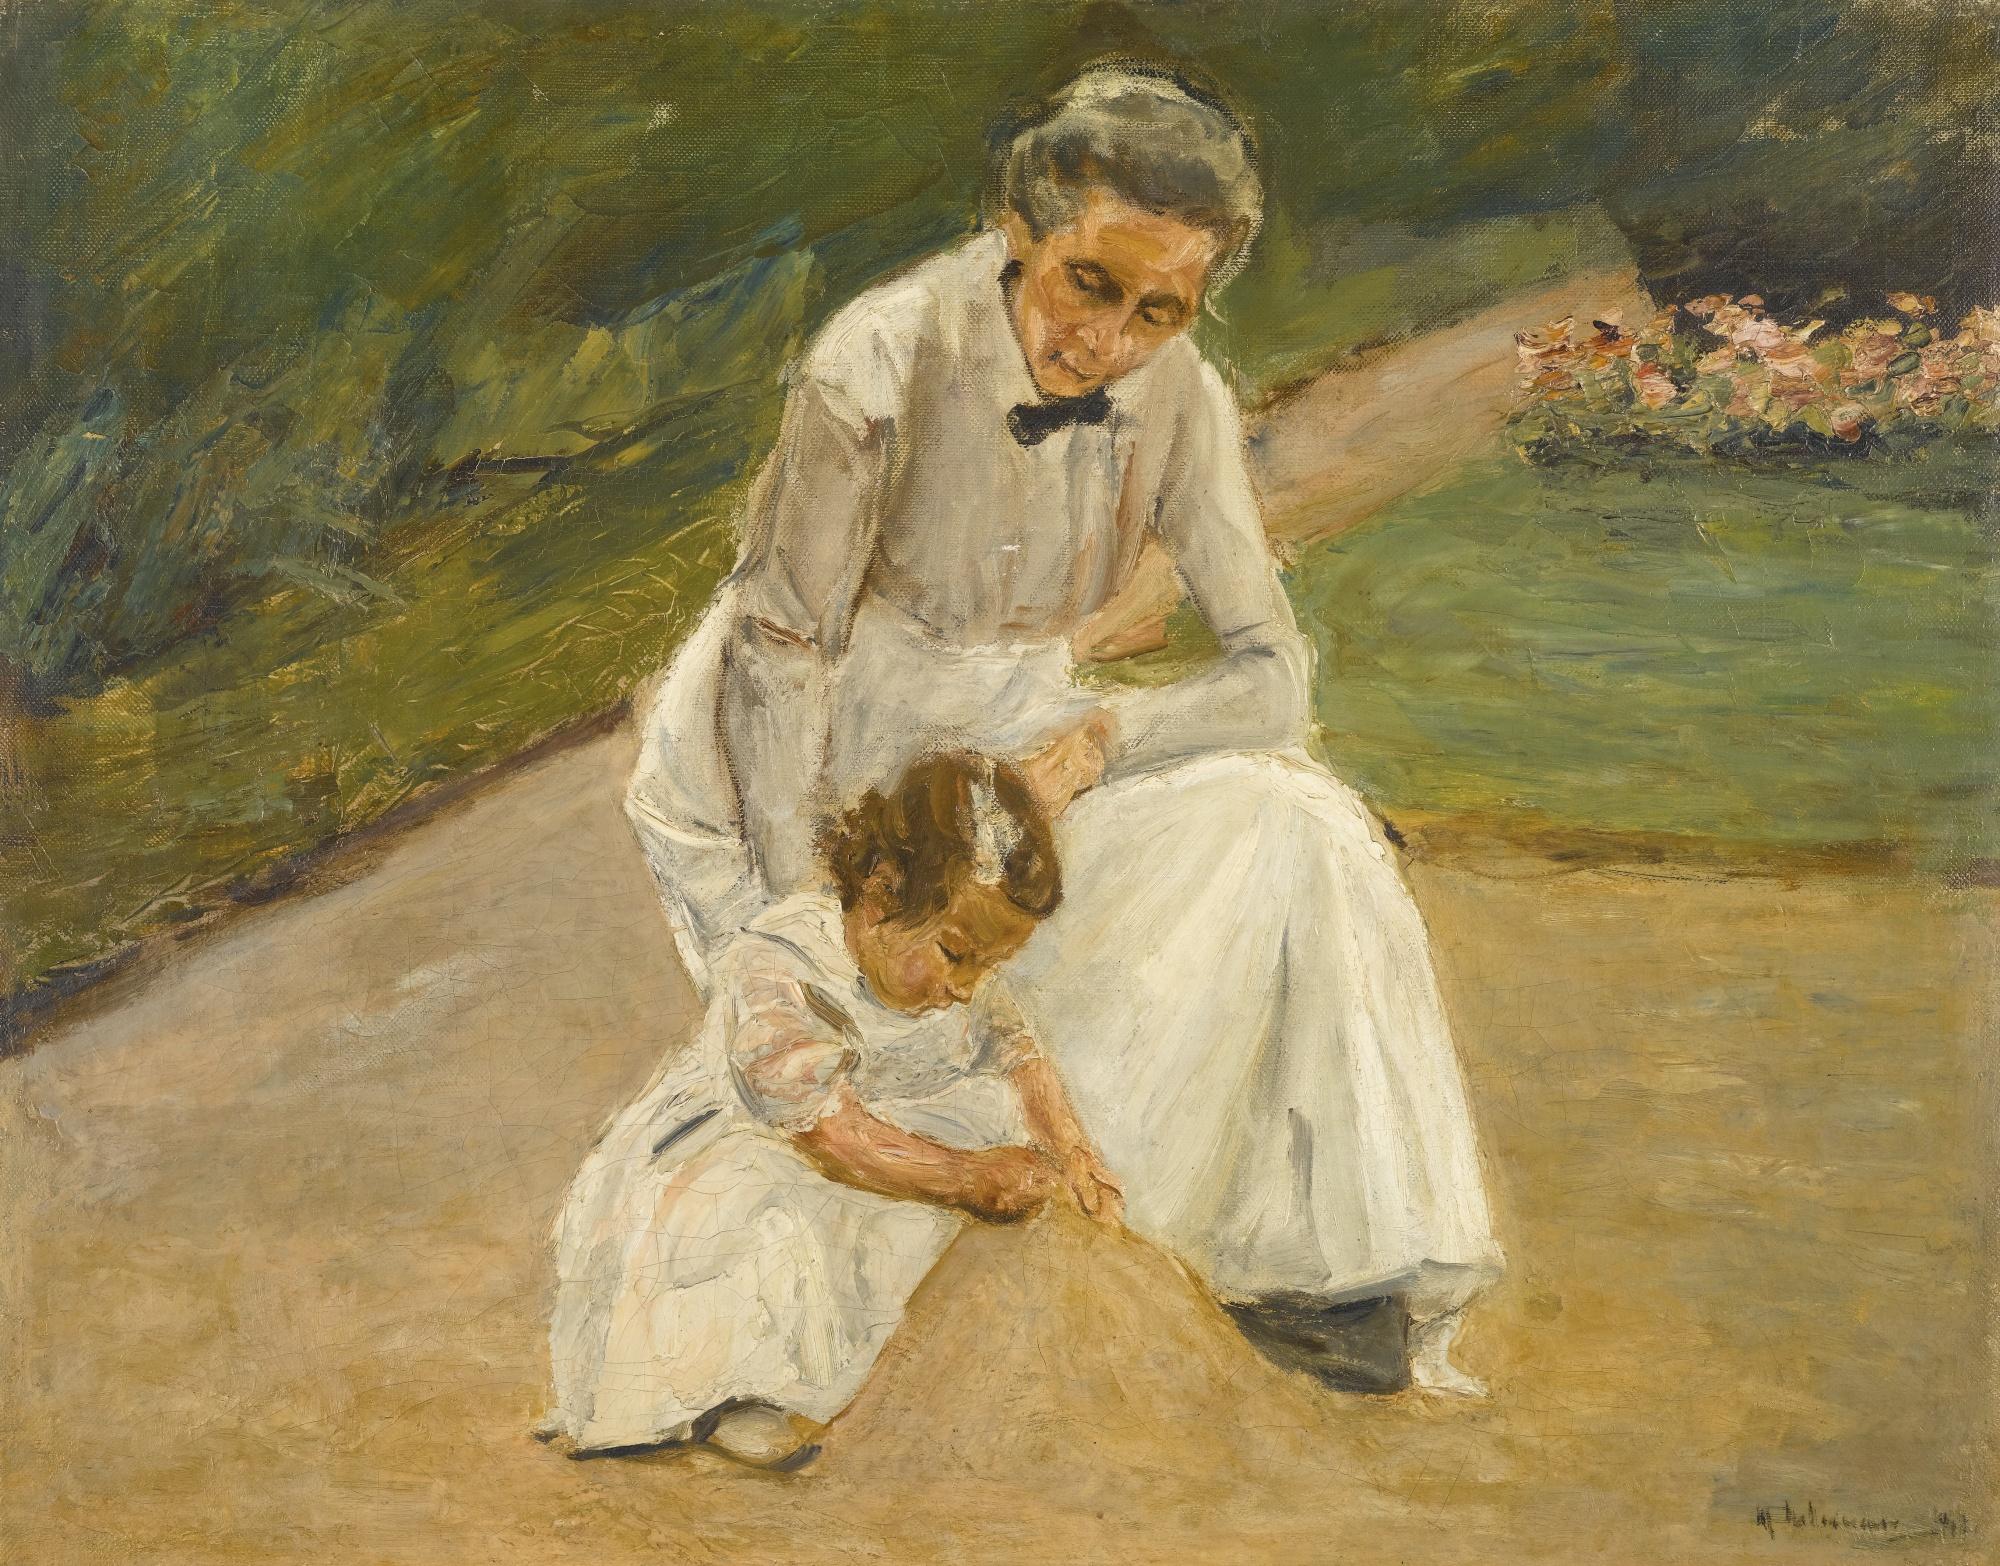 Max Liebermann - Enkelin und Kinderfrau beim Spiel im Garten (1919).jpg